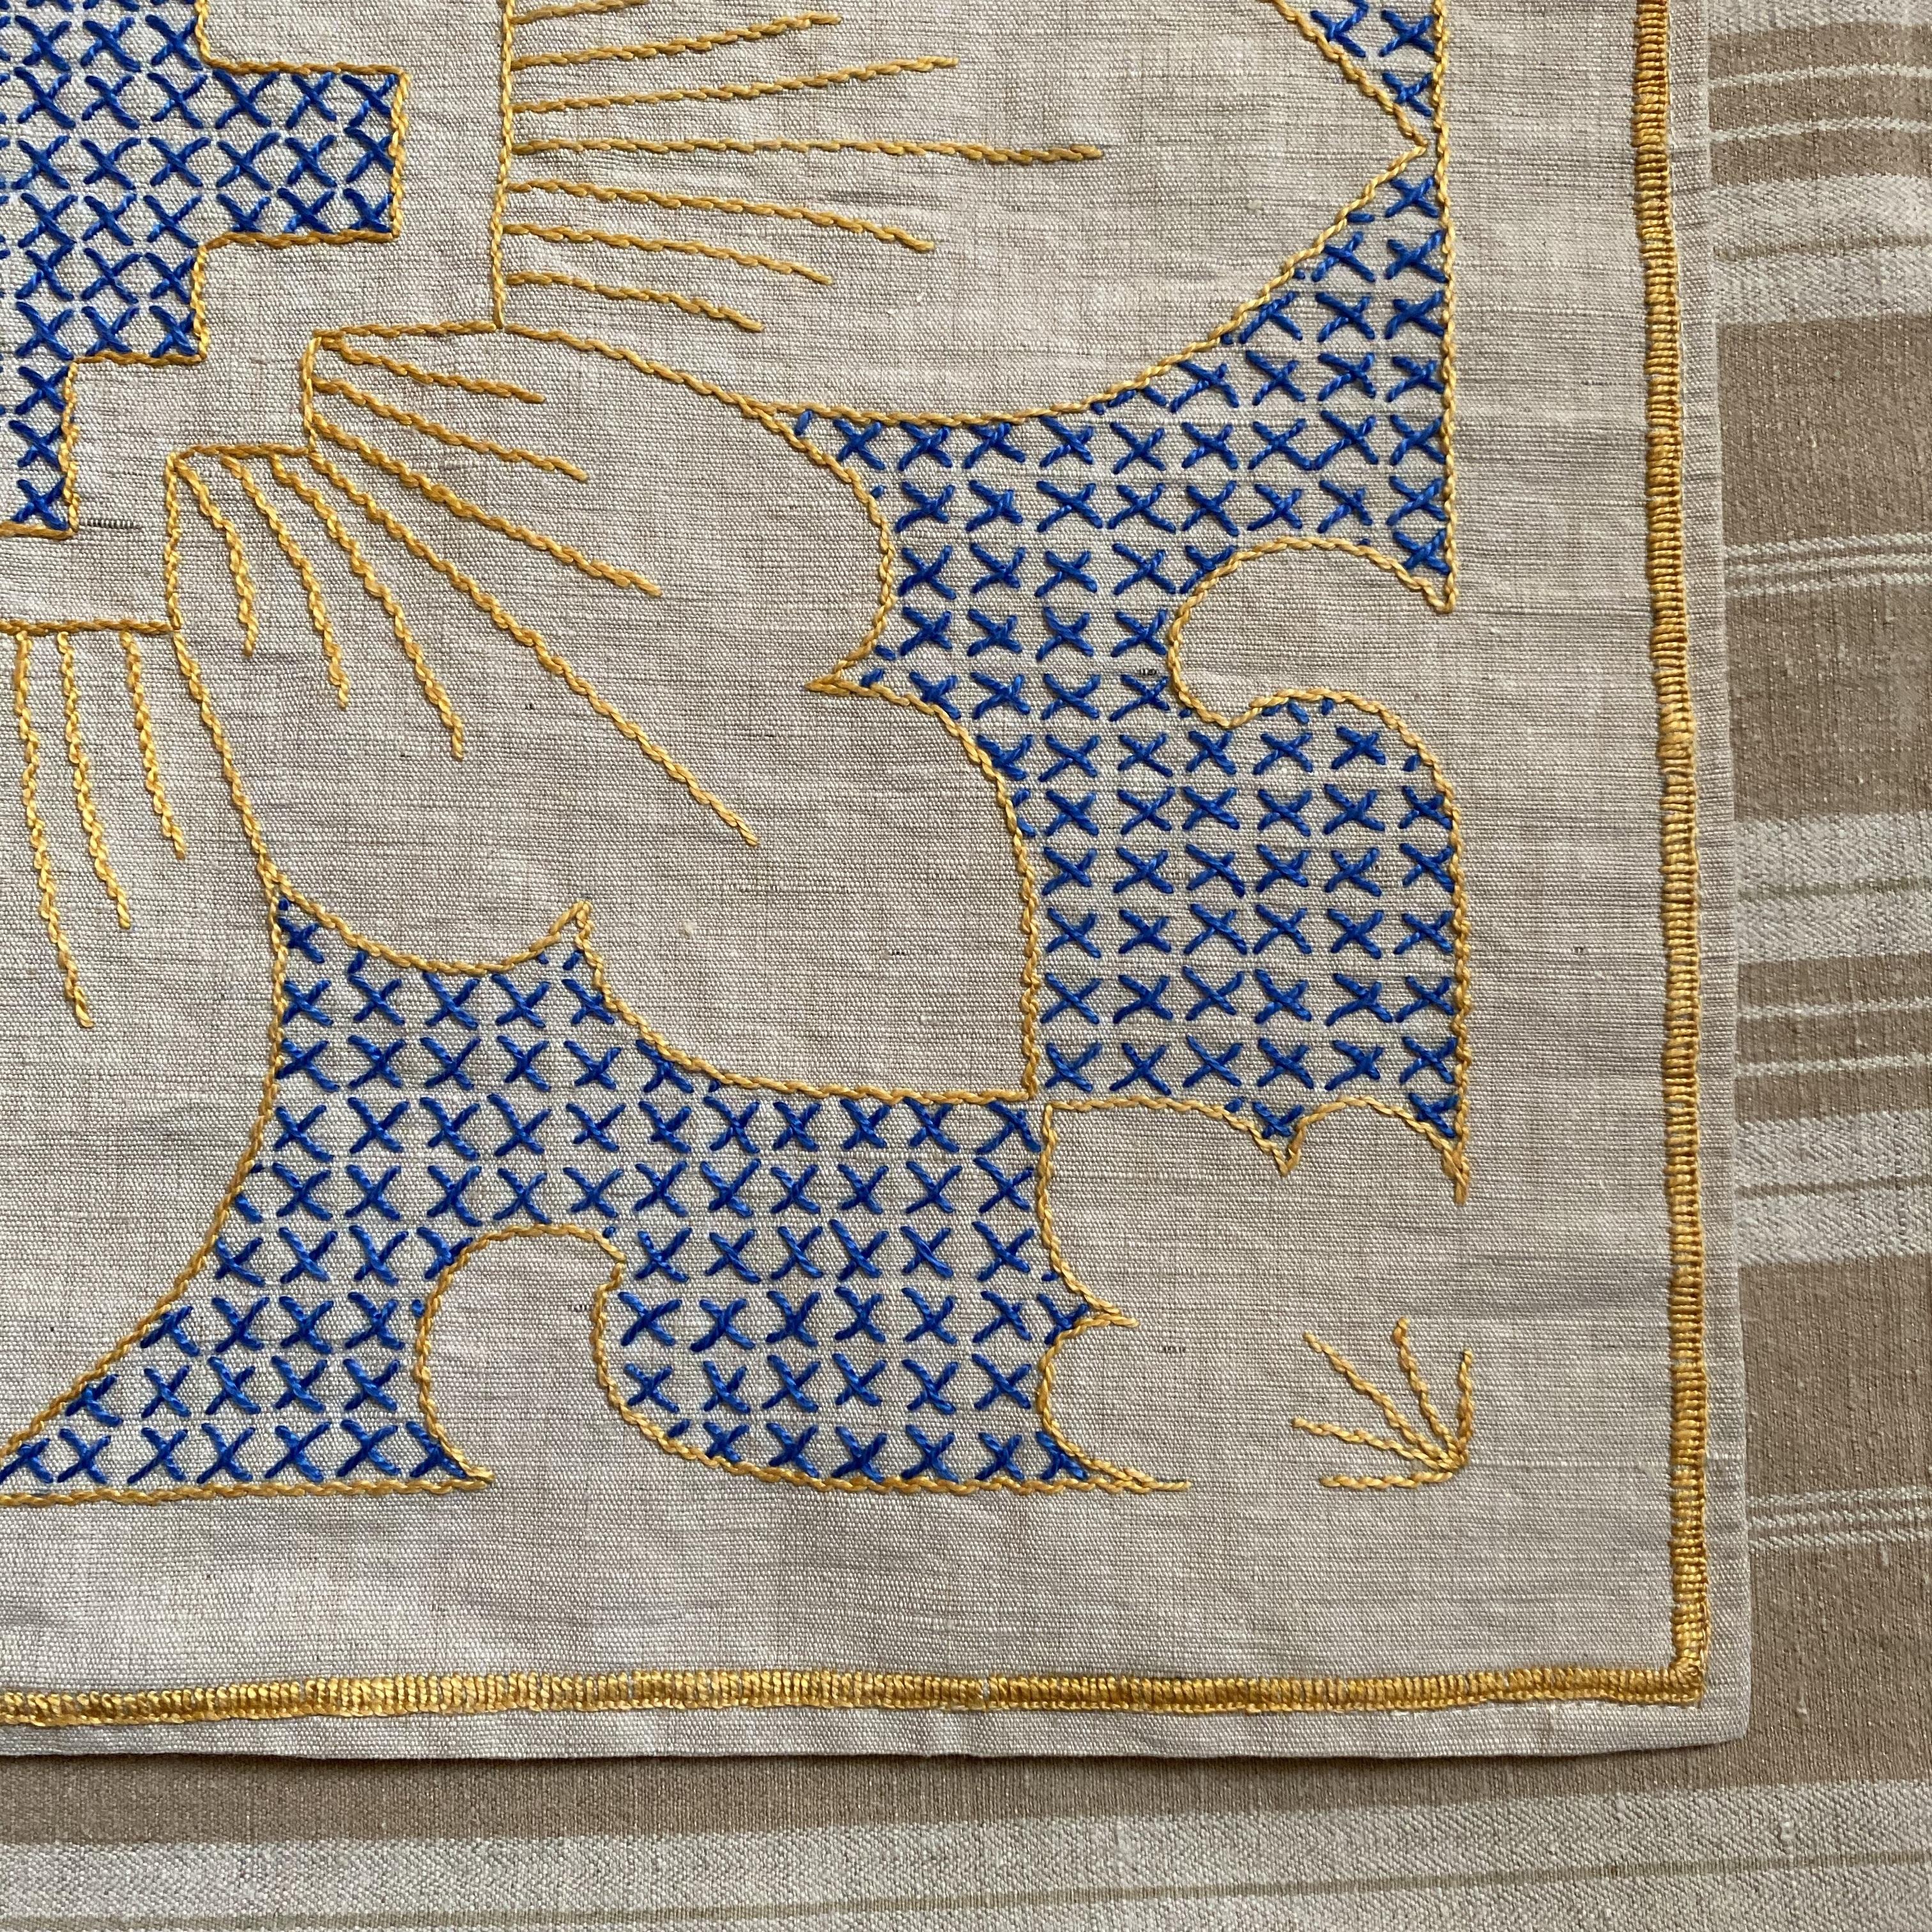 France ヴィンテージ手刺繍ドイリー・青と黄色 / uv0099